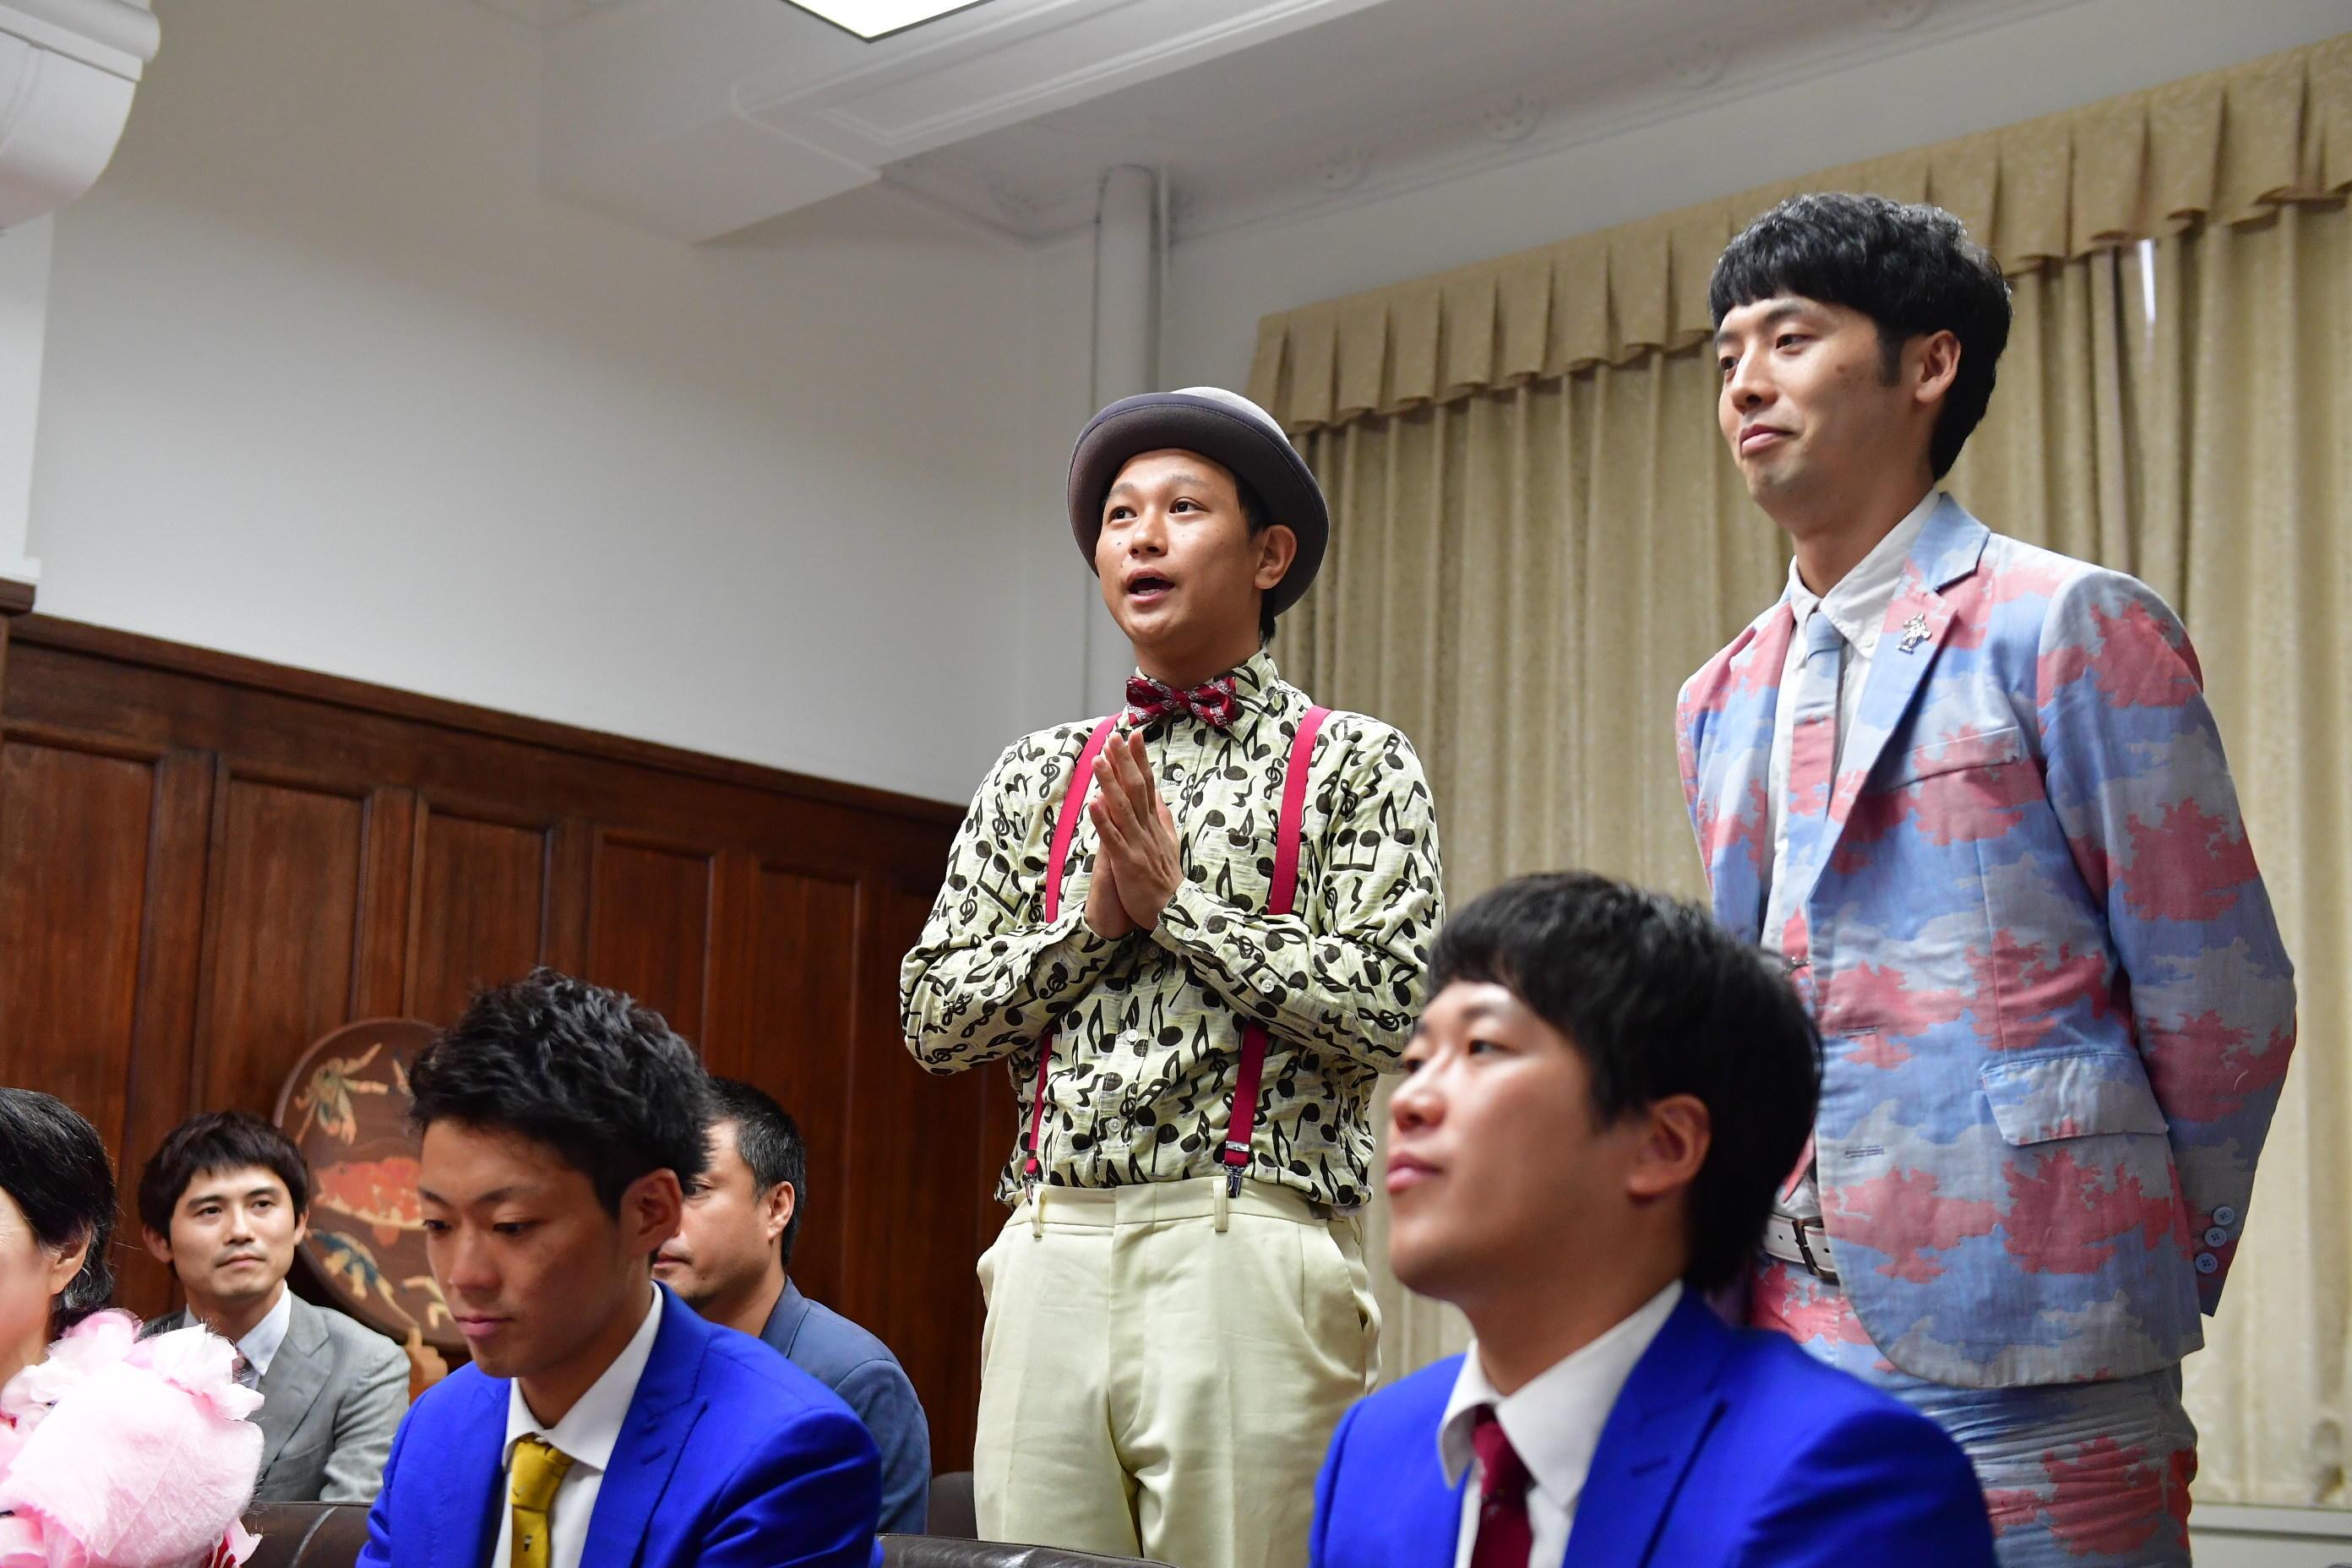 http://news.yoshimoto.co.jp/20180828182852-50a15b9d6fb0ac09acd2325636a010a894579f62.jpg